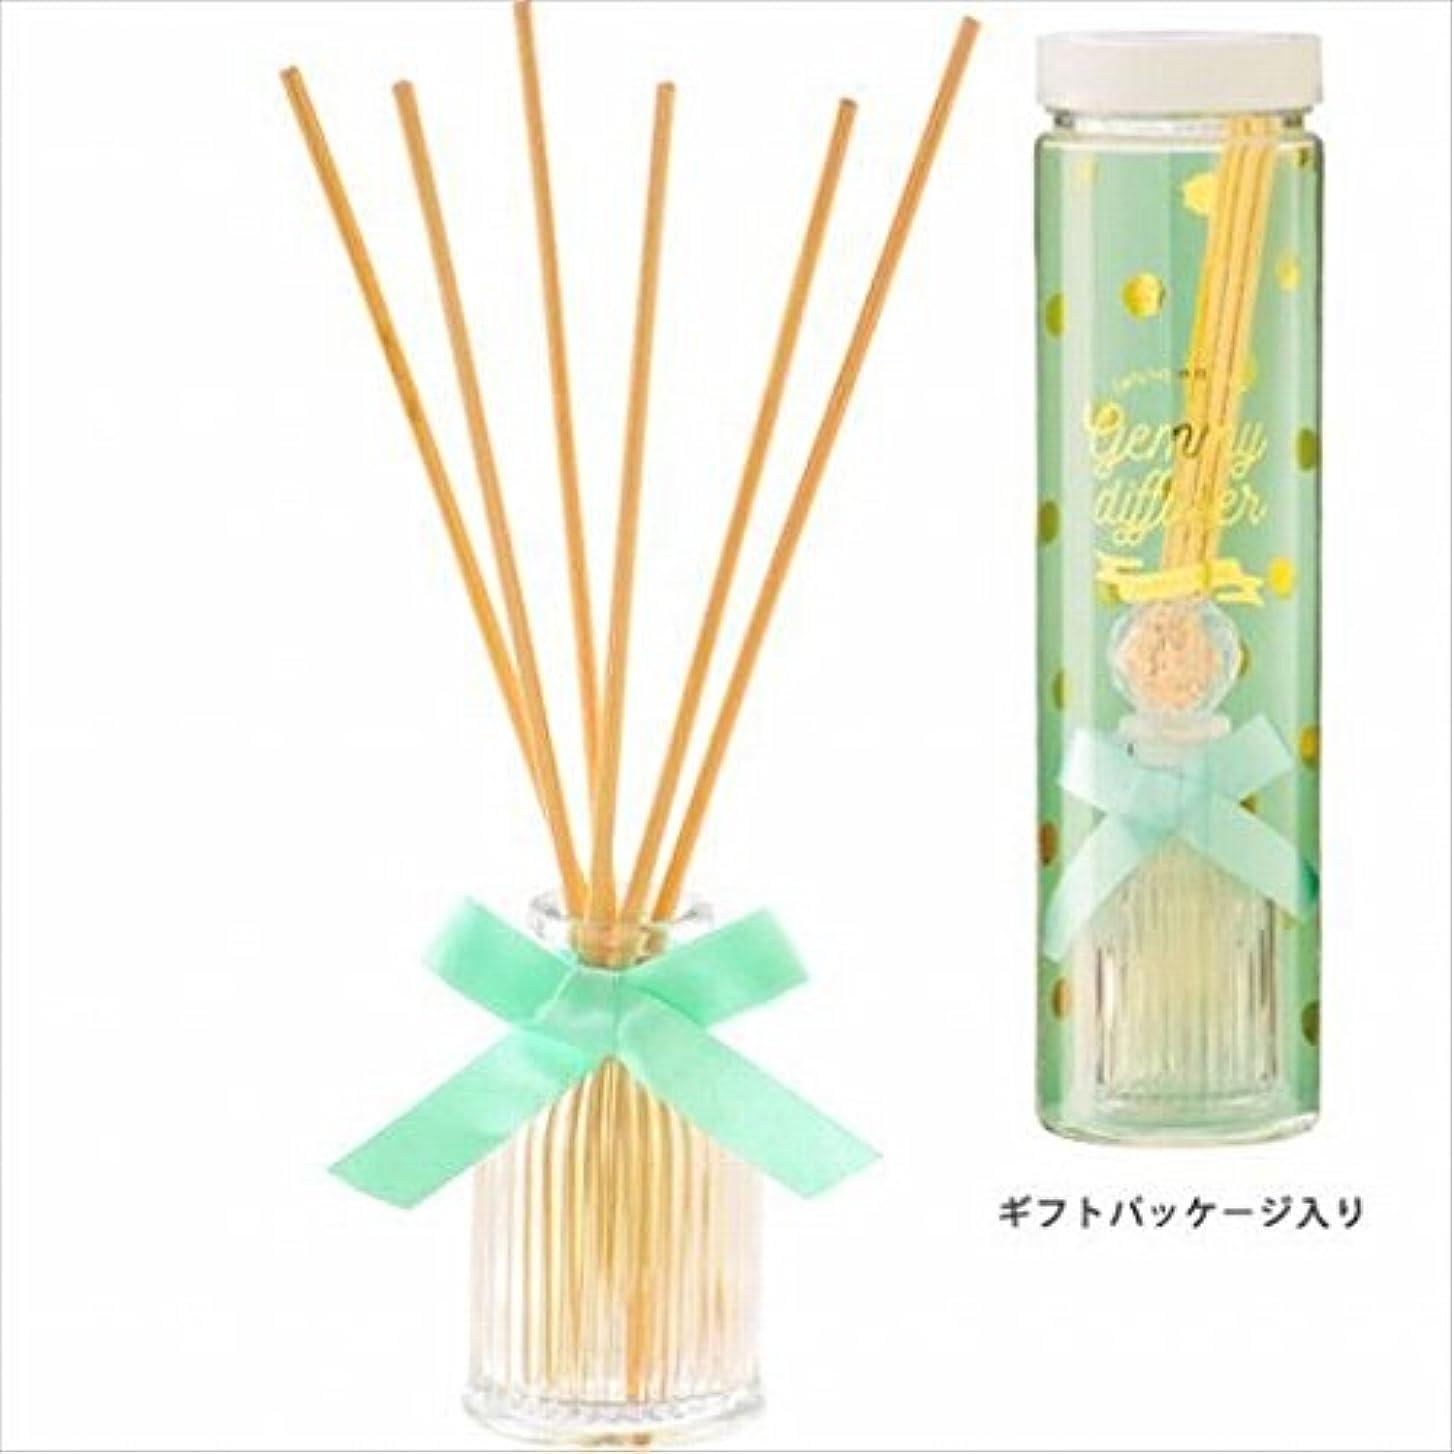 作物こどもの日センサーカメヤマキャンドル(kameyama candle) GEMMY (ジェミー) ディフューザー 「 タイム 」6個セット